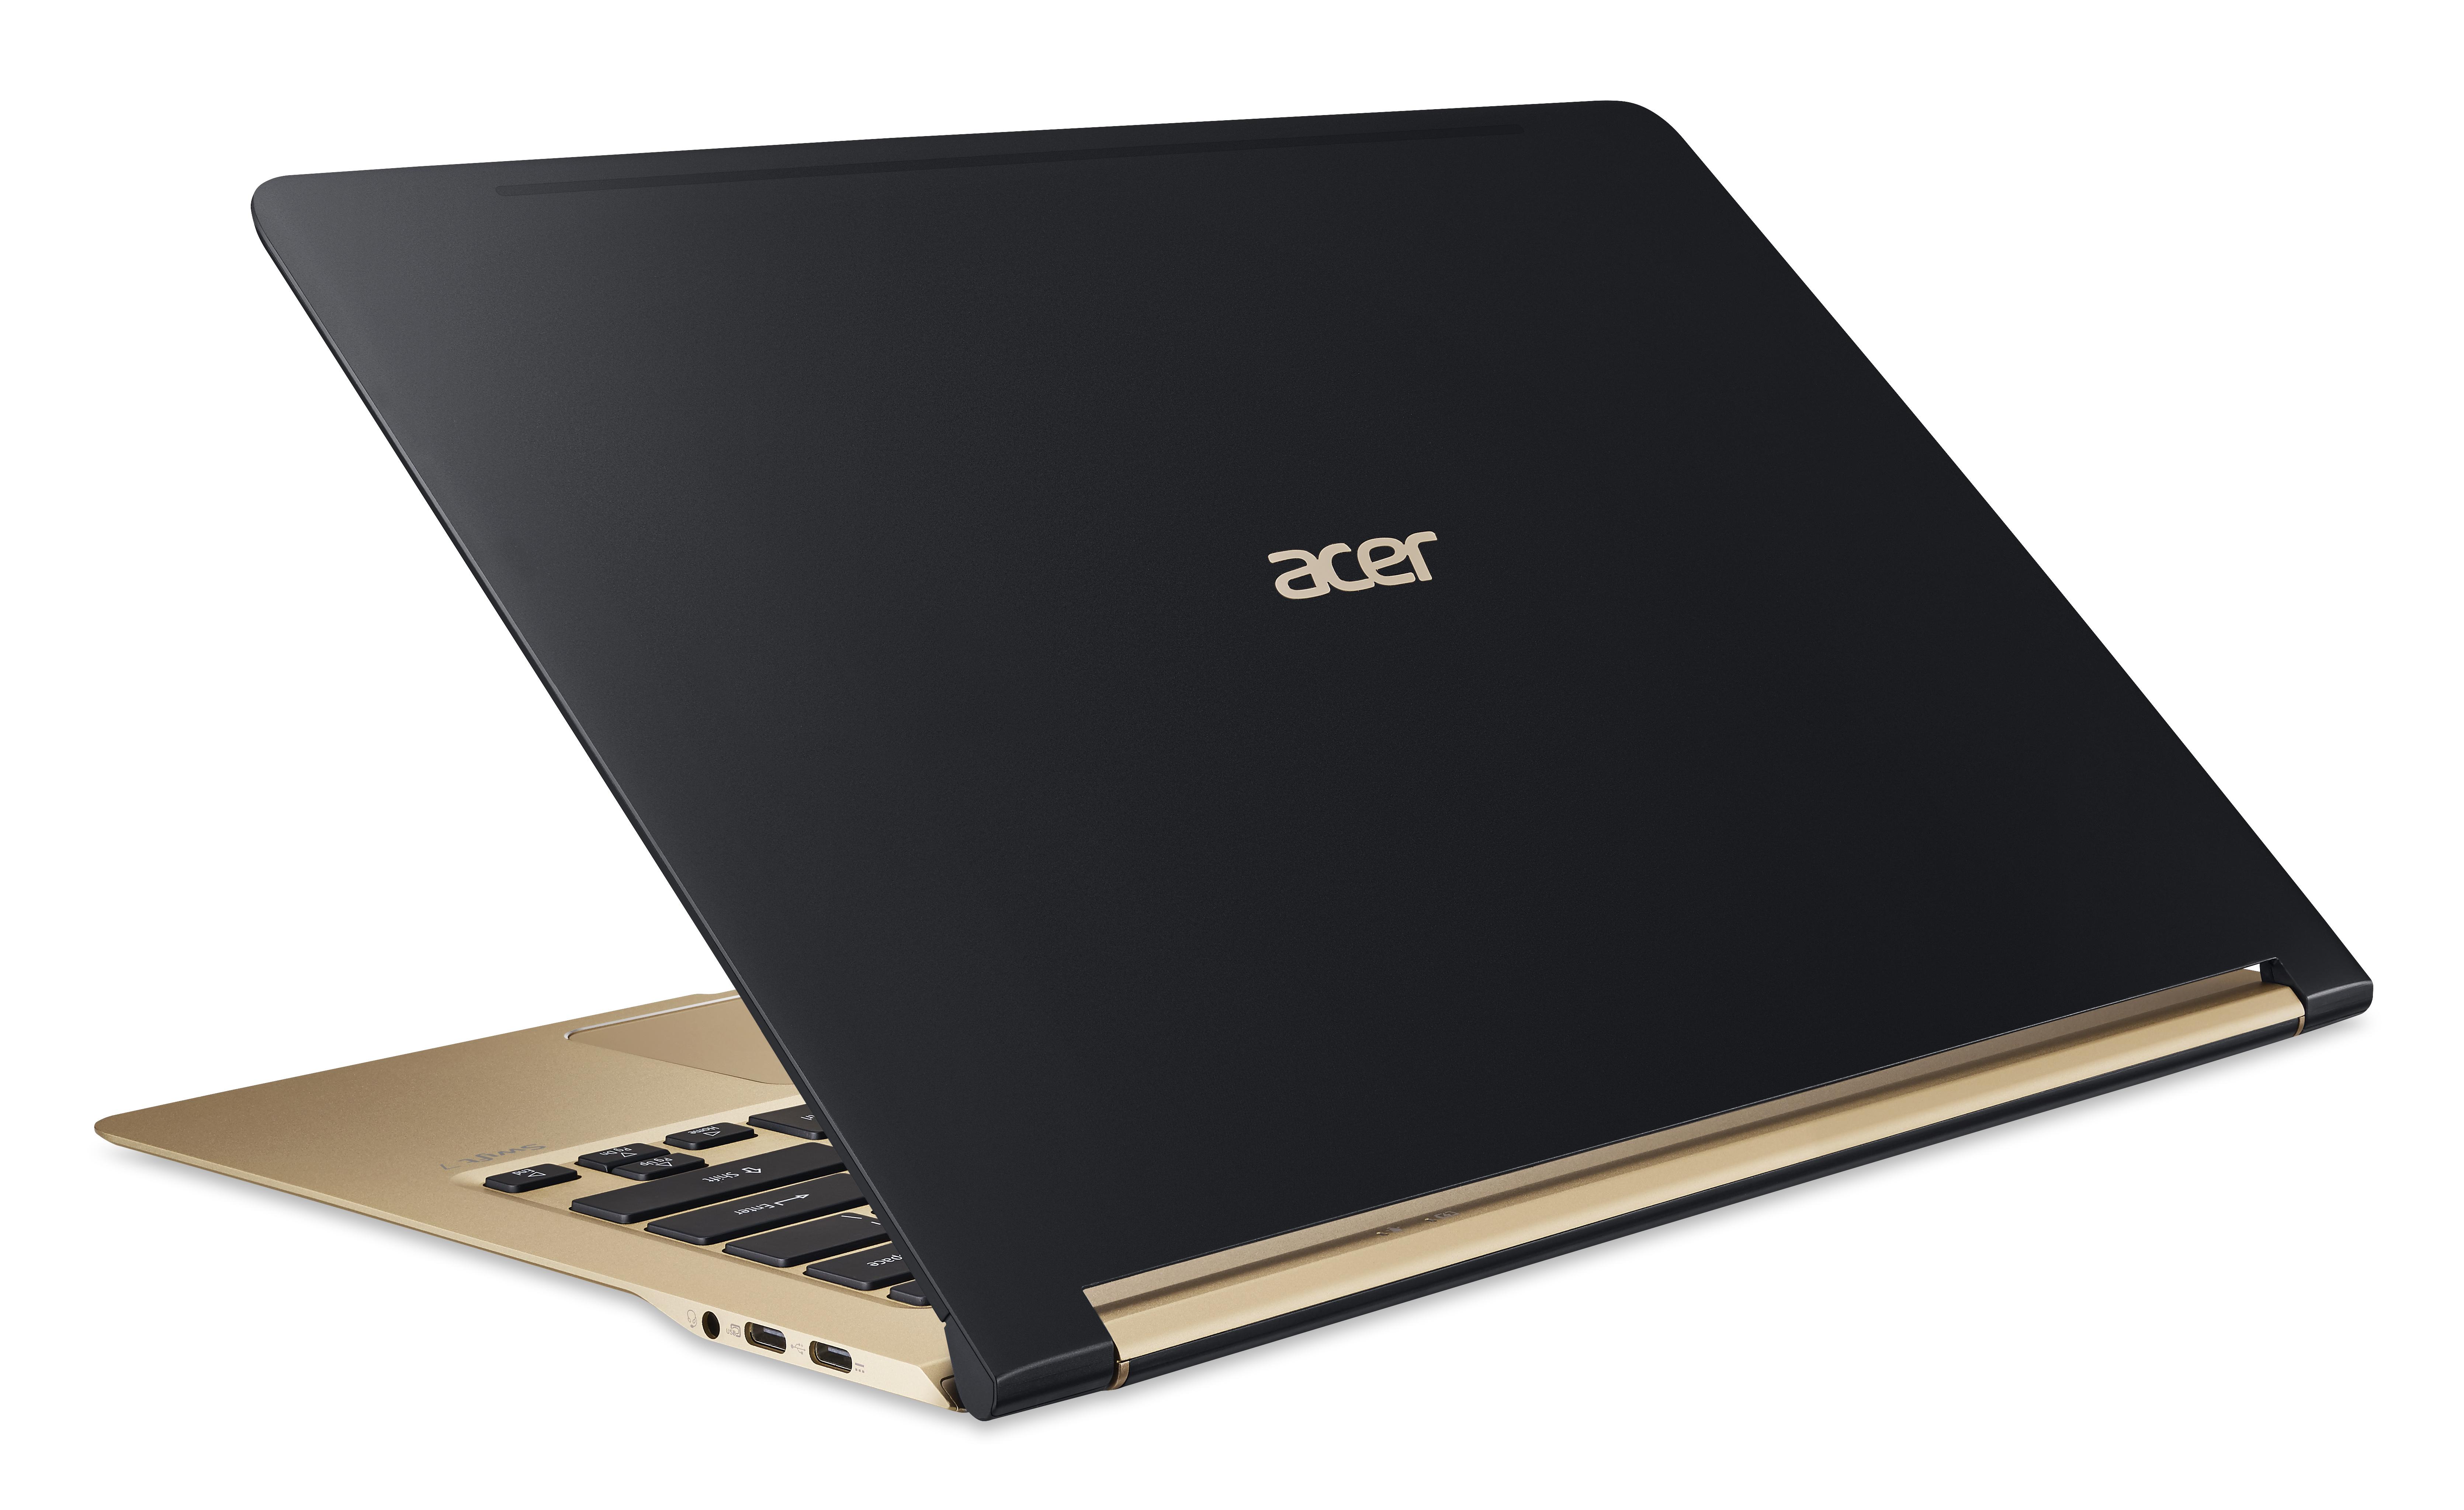 Краткий обзор Acer Swift 7 — Самый тонкий ультрабук в истории